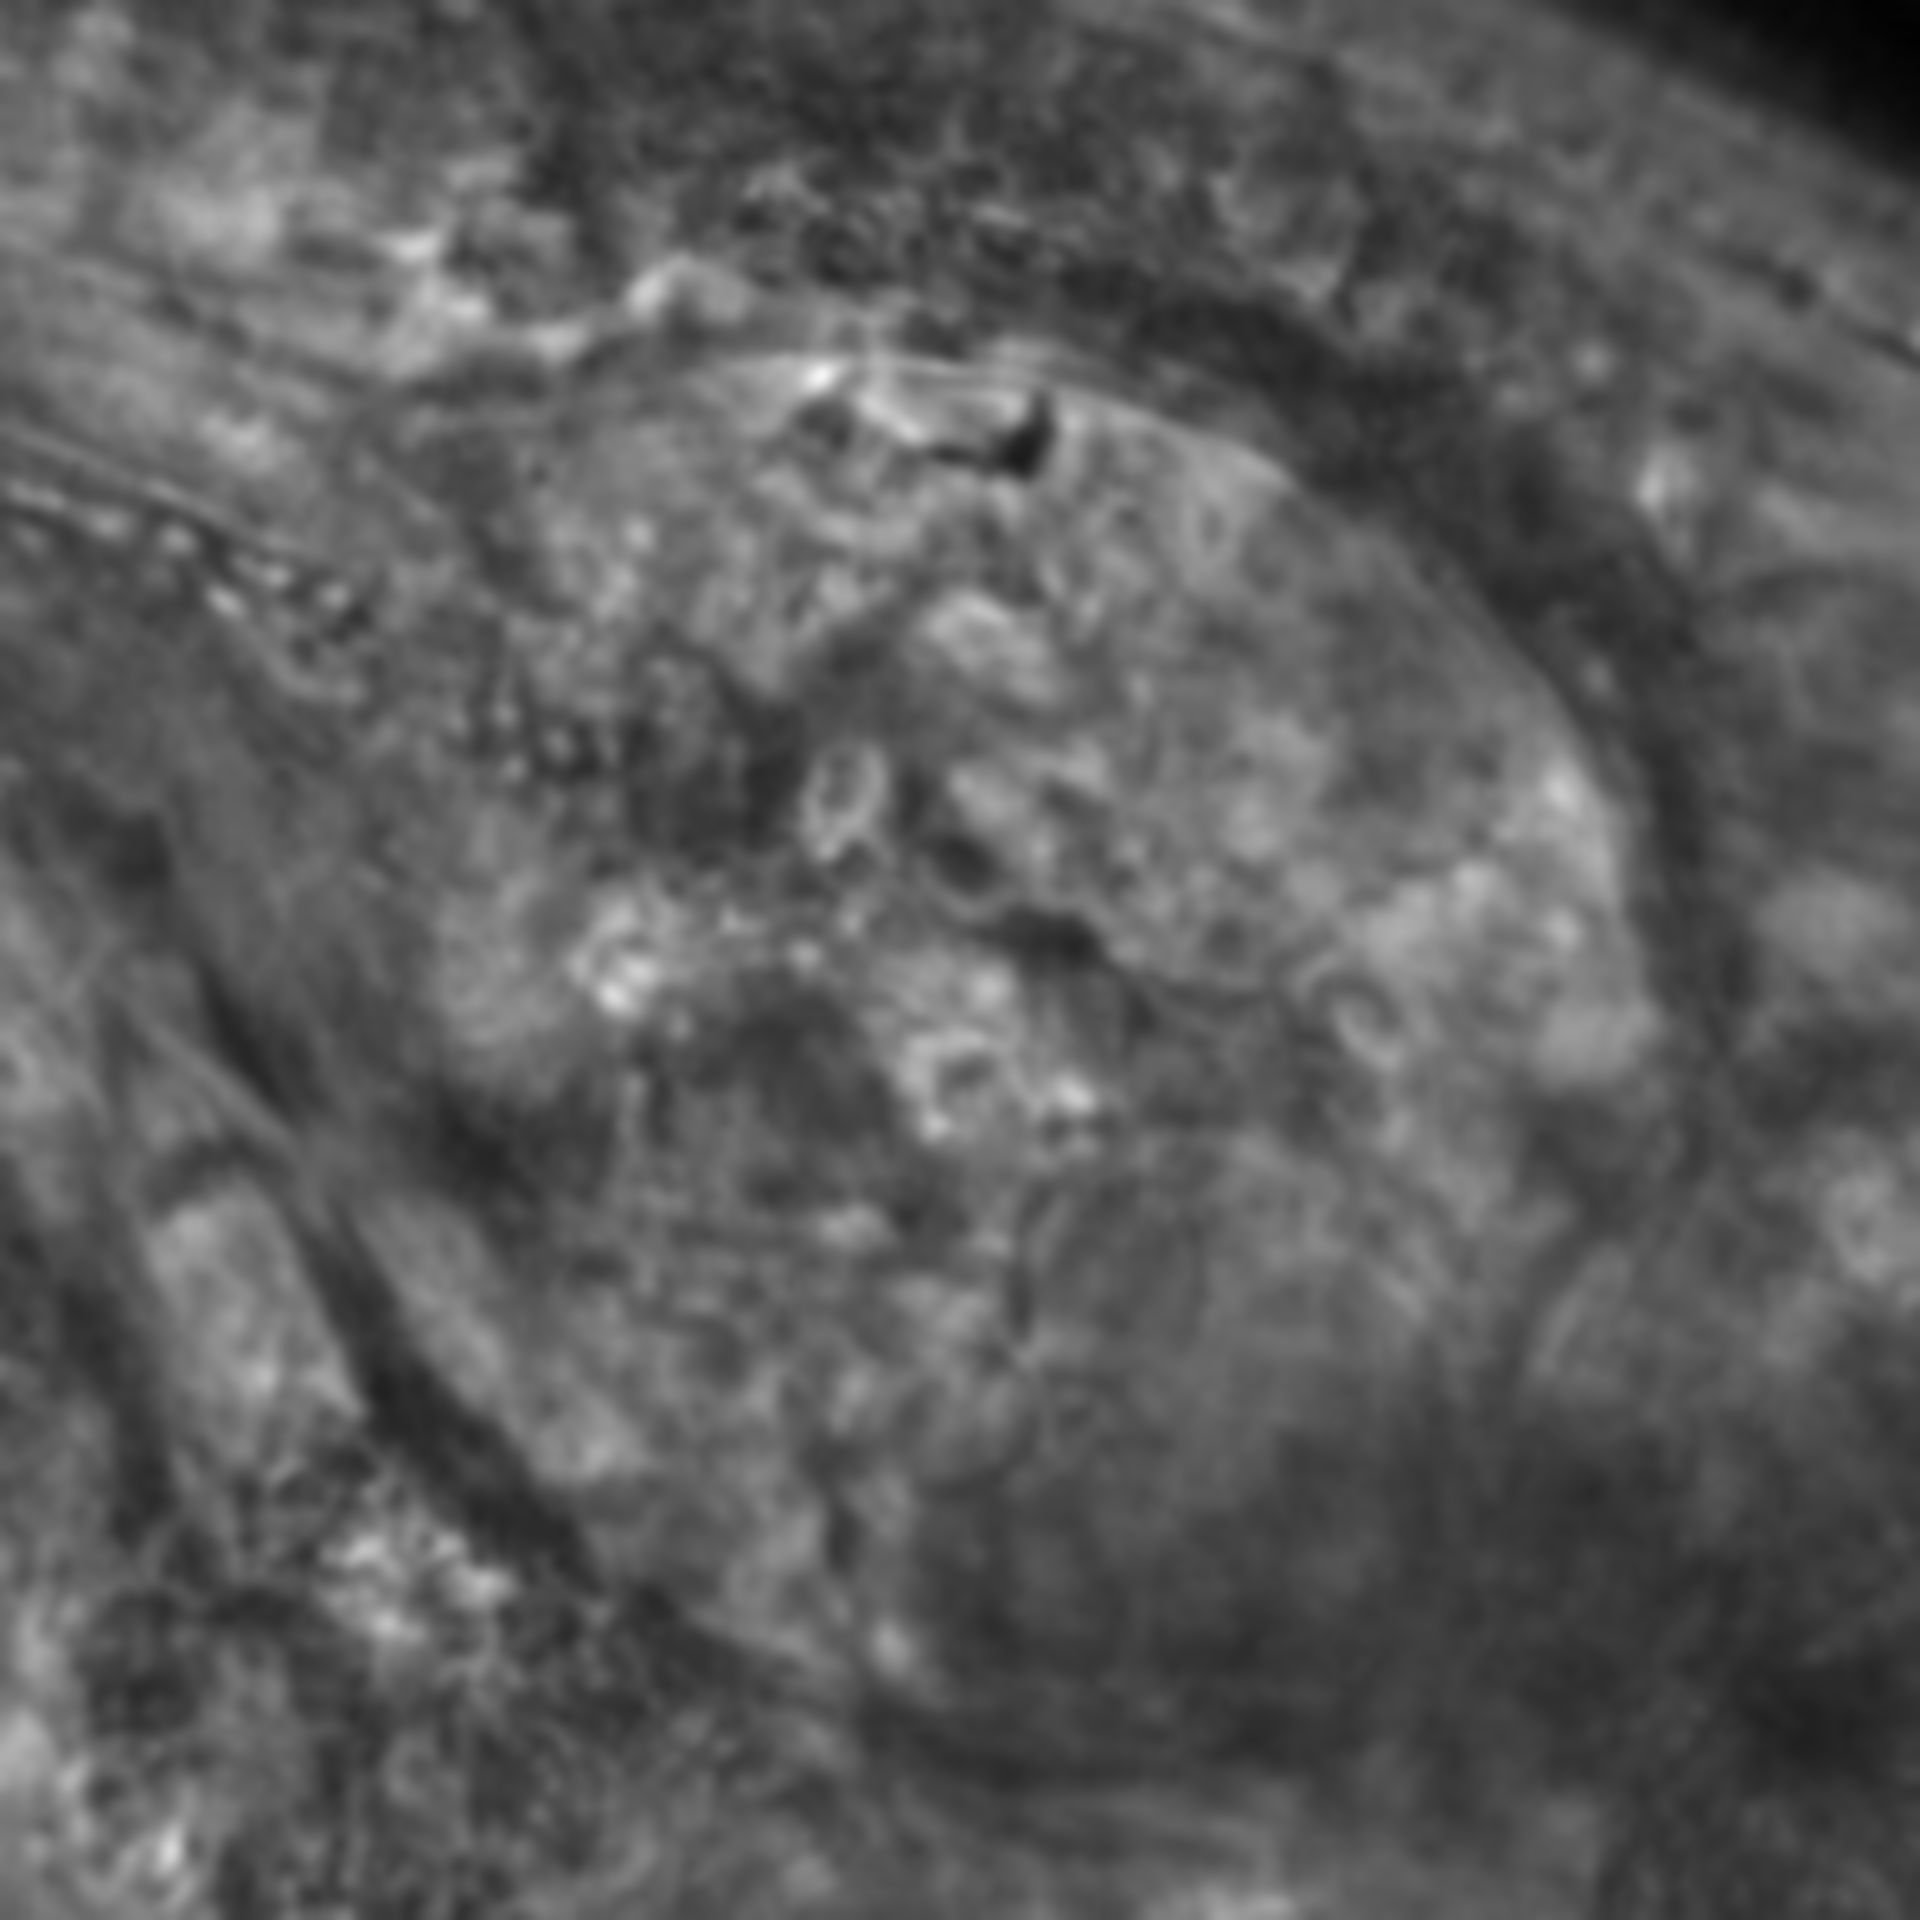 Caenorhabditis elegans - CIL:2759